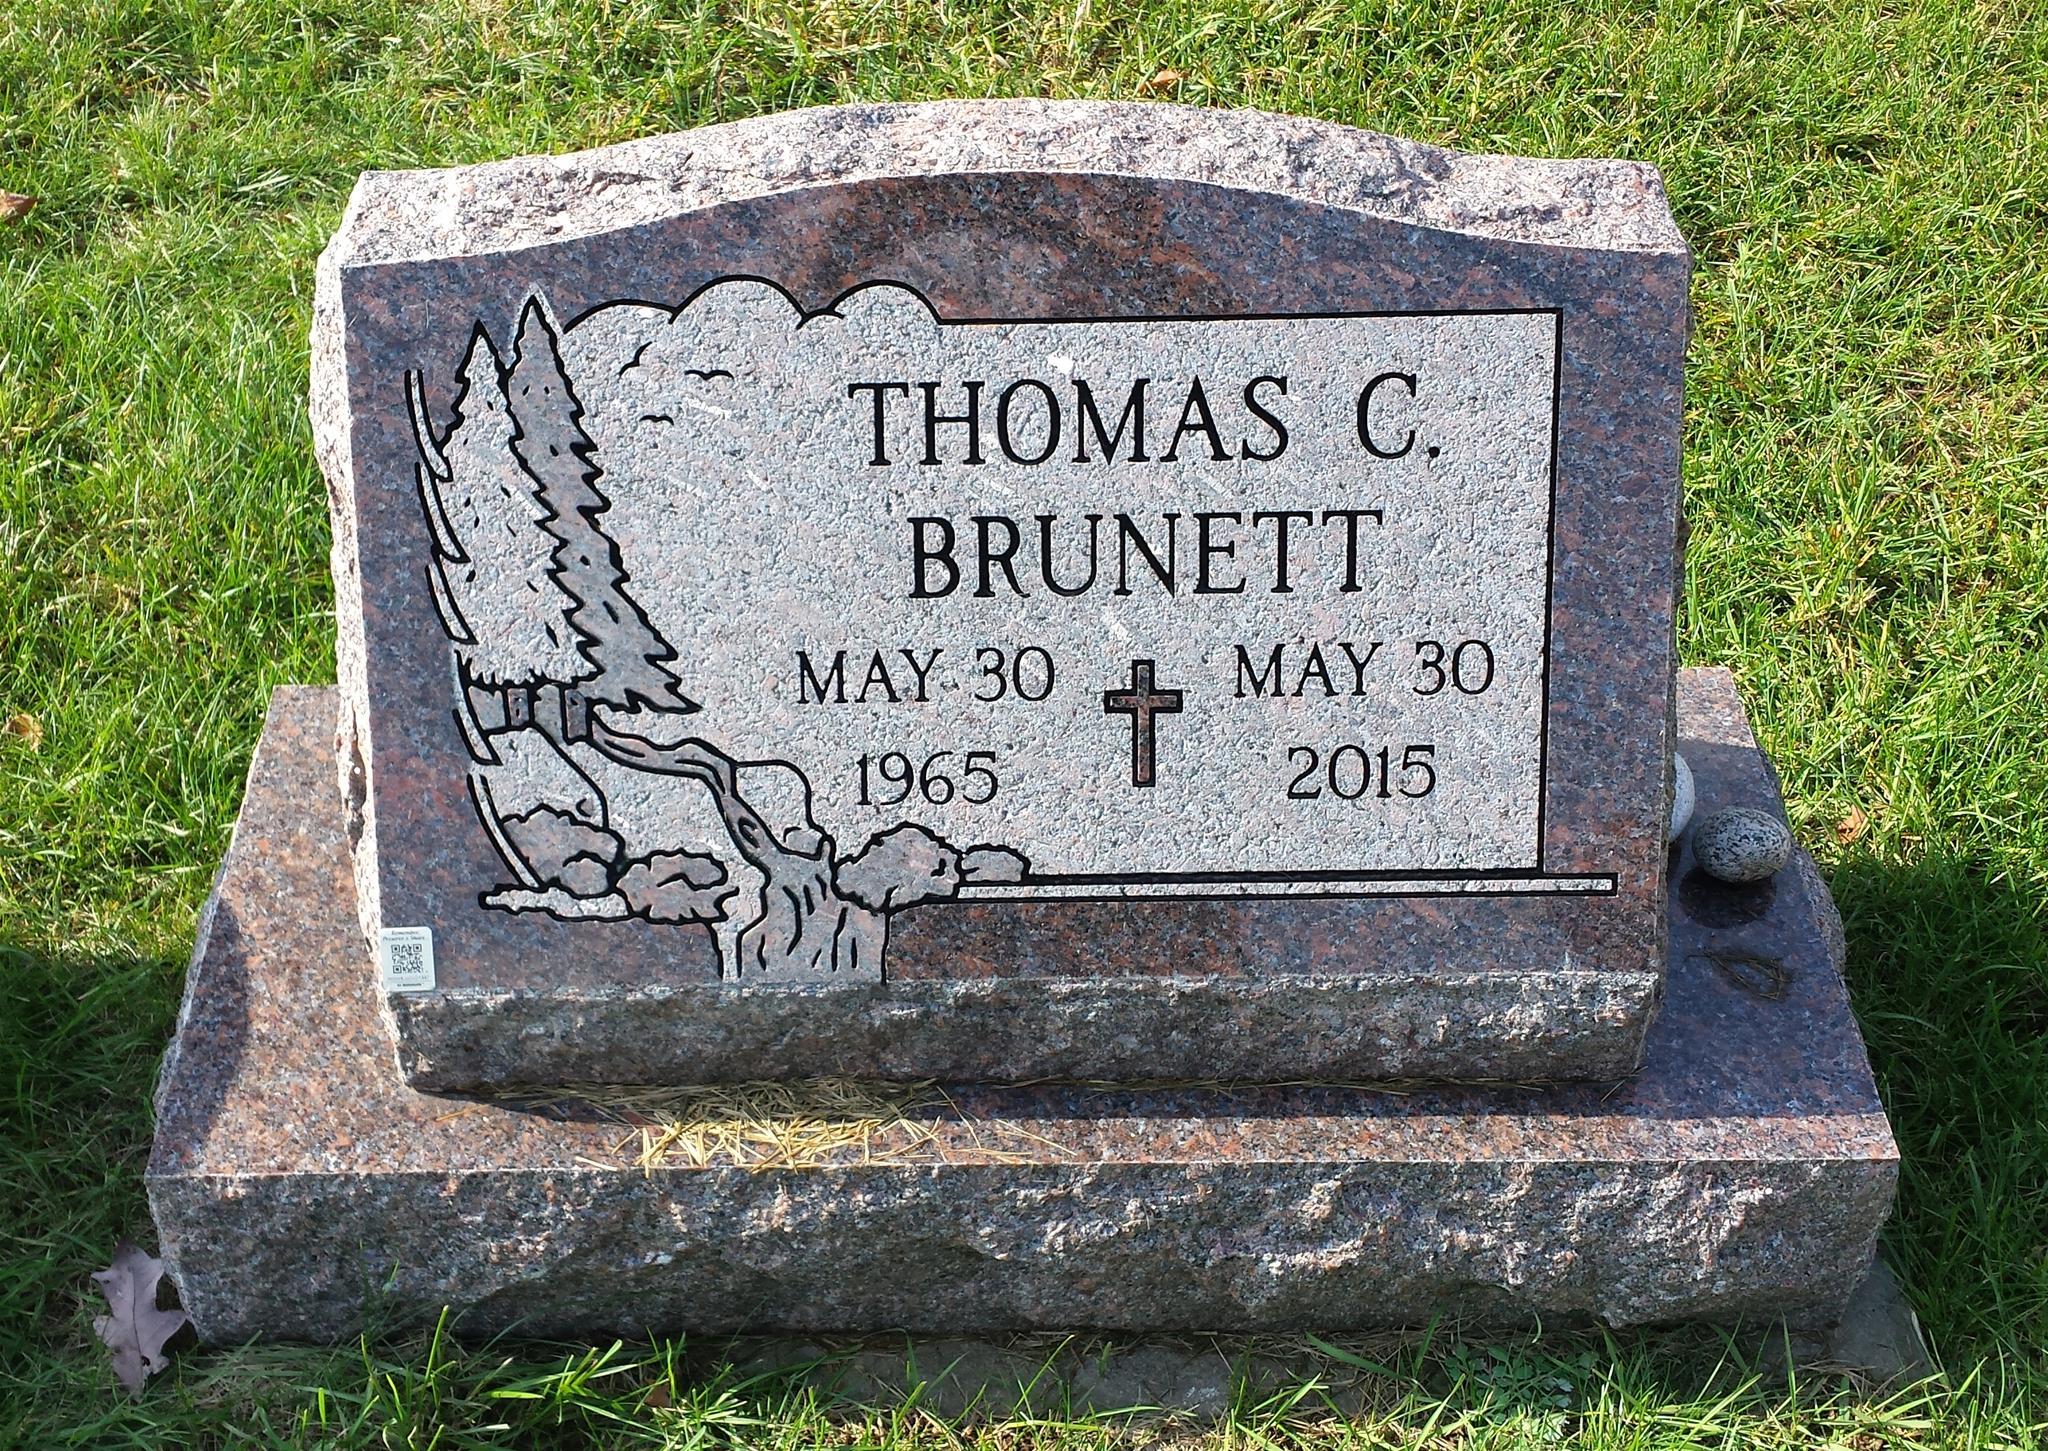 Brunett Slant